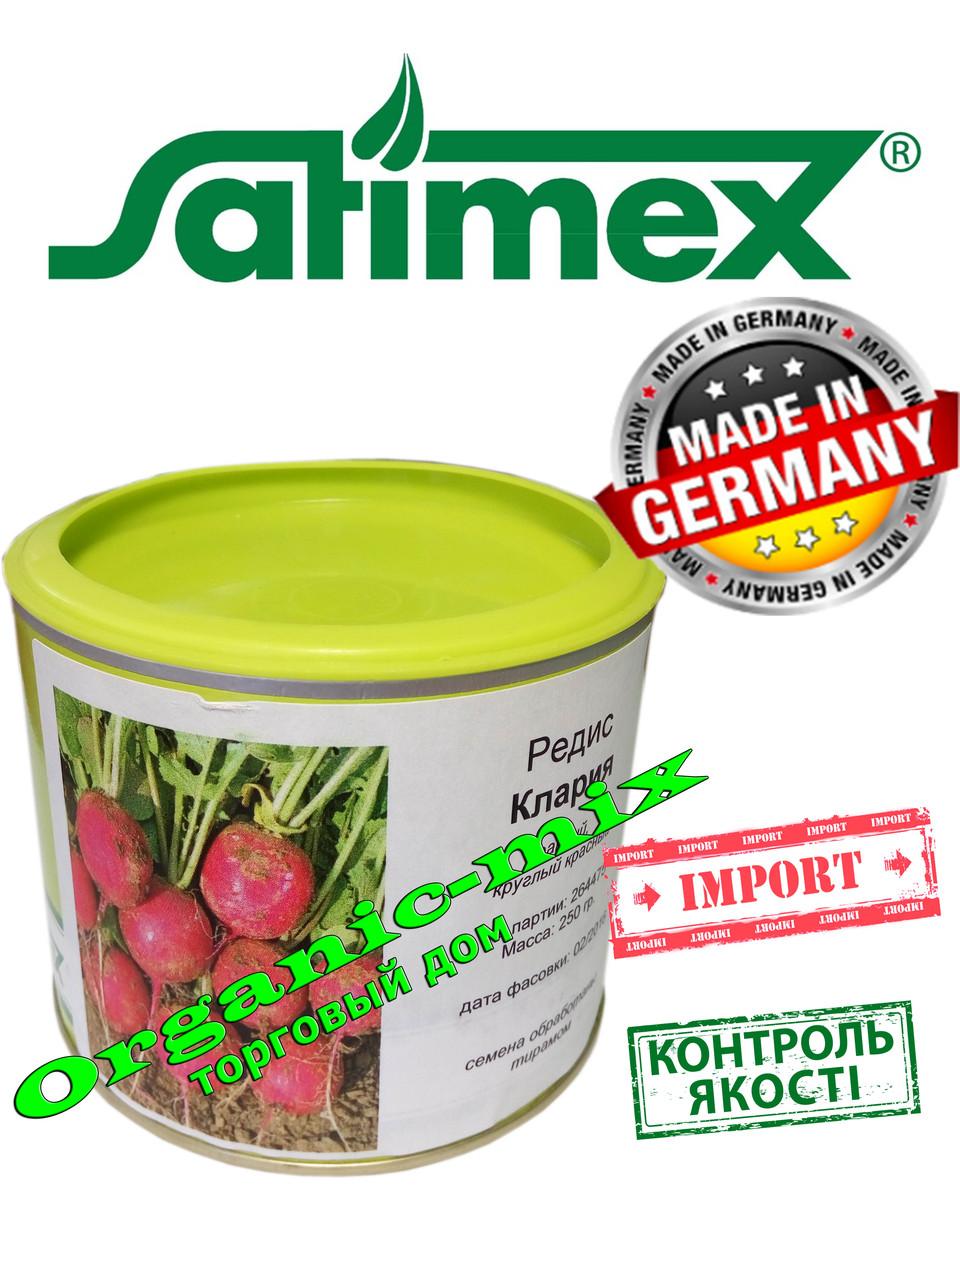 Семена Редиса КЛАРИЯ / CLARA, банка 250 грамм, Satimex (Германия), обработанные